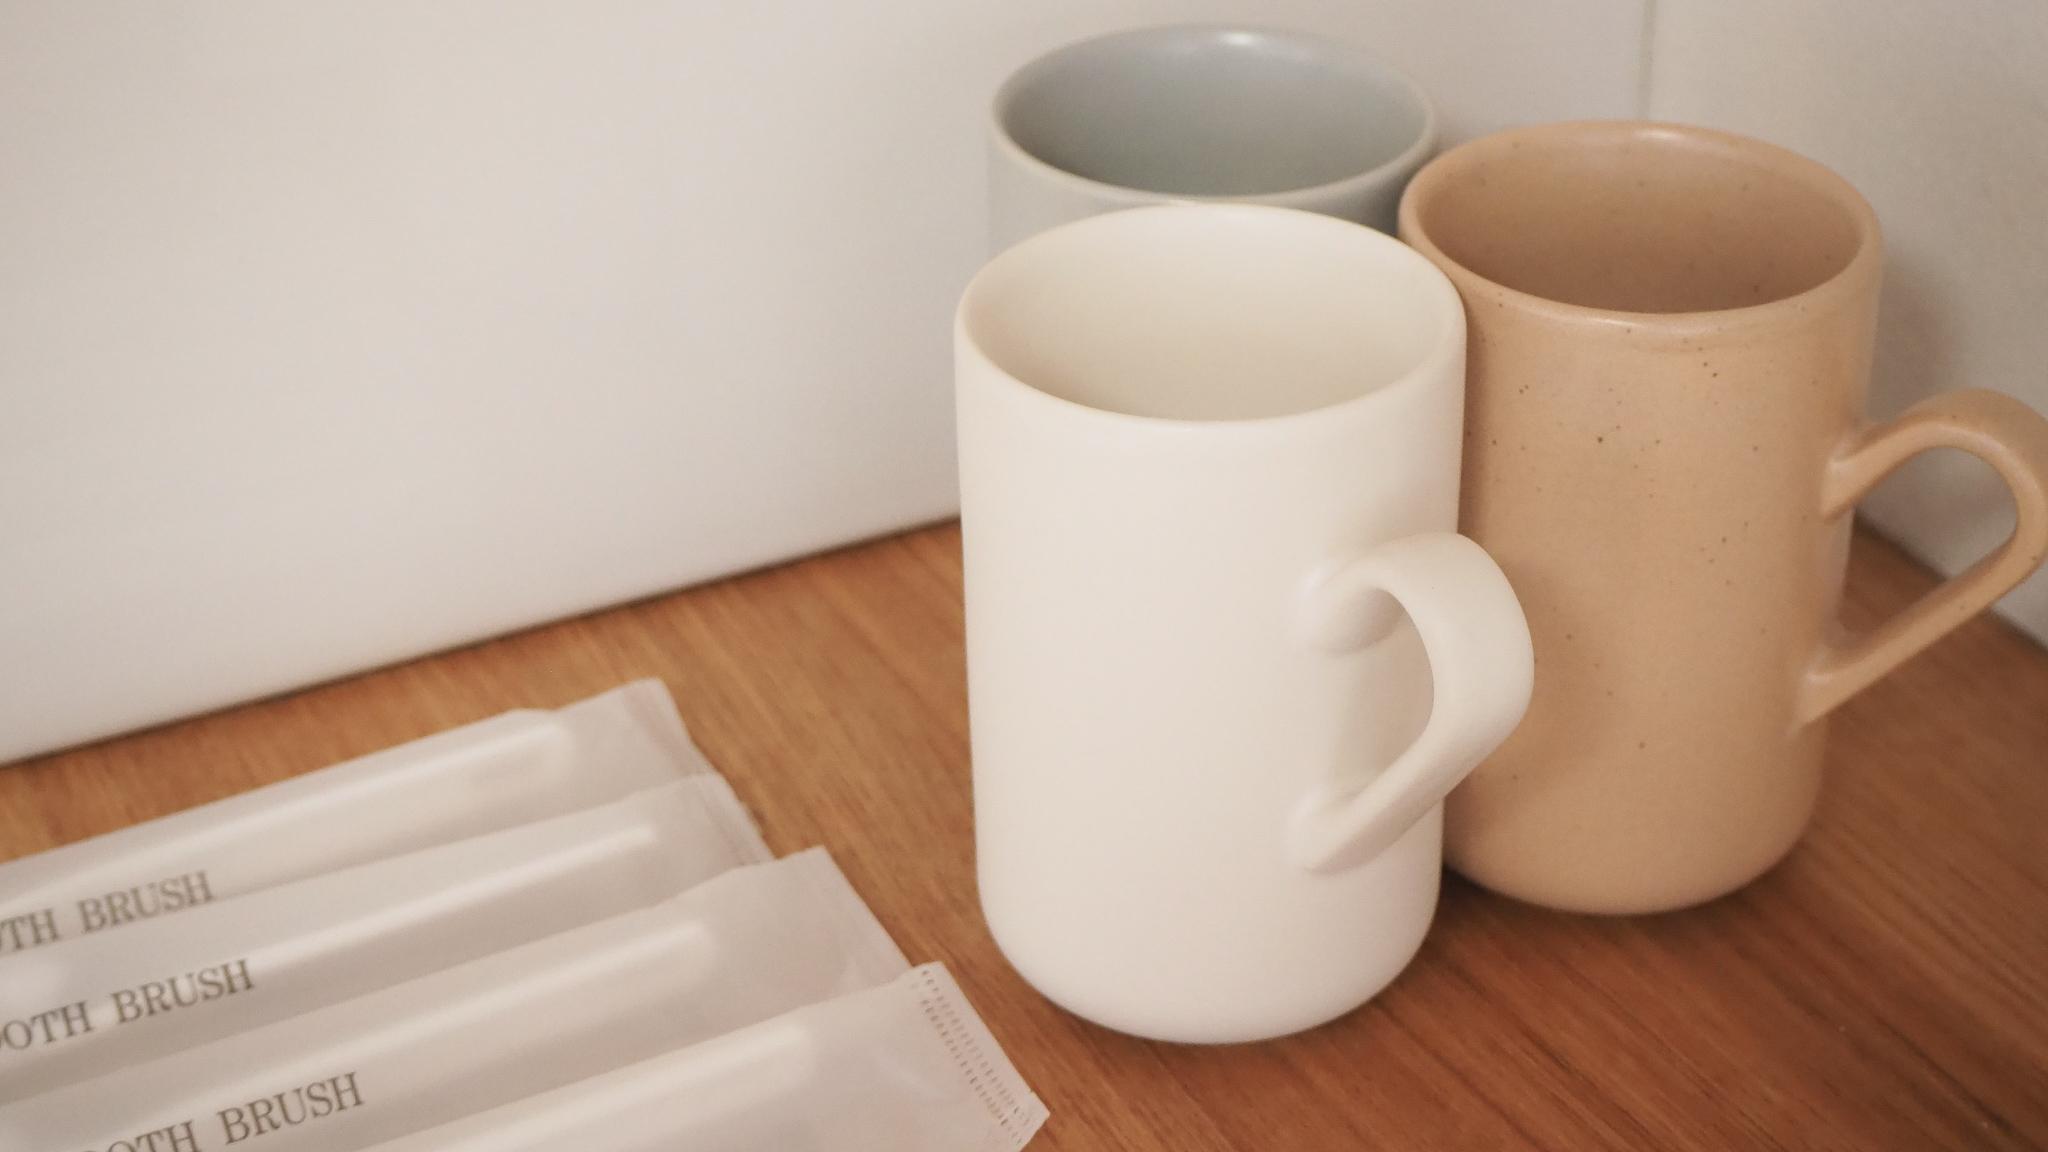 岐阜県美濃加茂市の新スポット! 話題の「泊まれる日本茶スタンド」を体験レポート - minokamo1 1